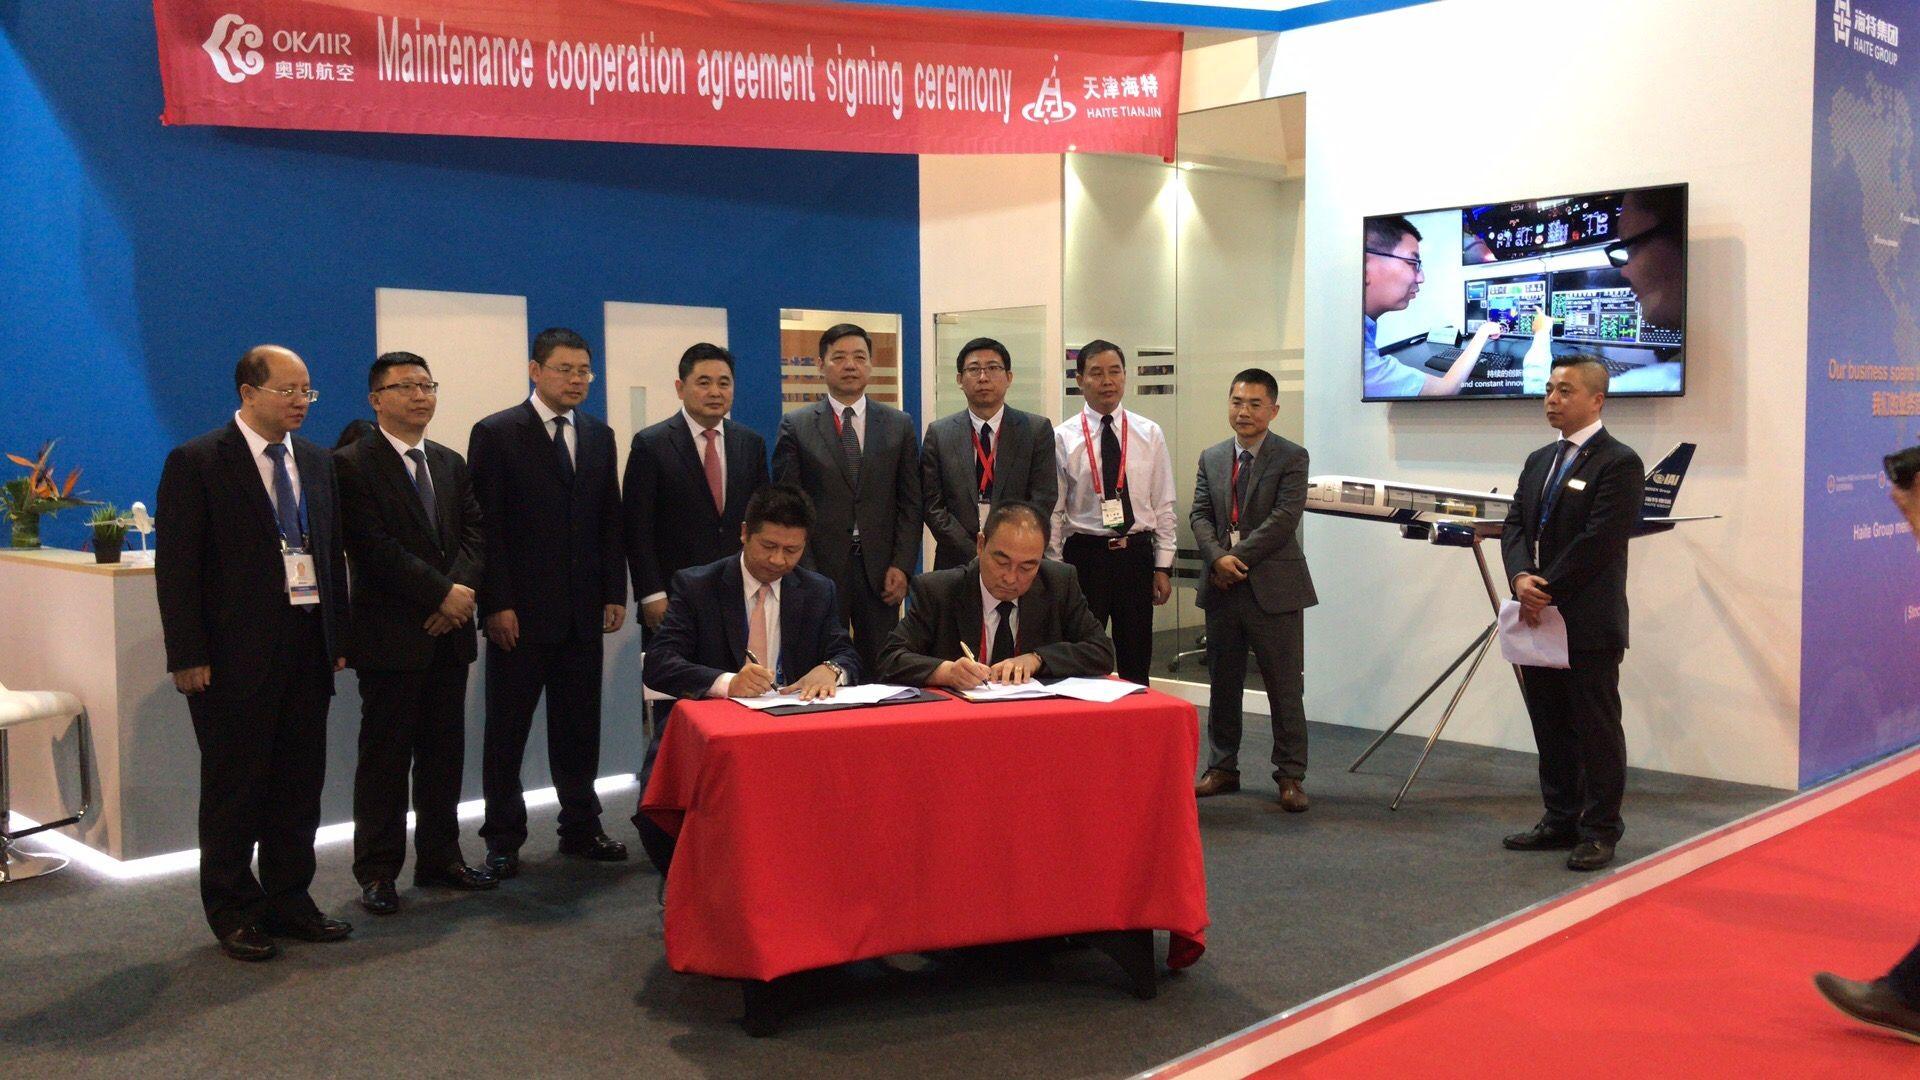 天津海特与奥凯航空签署维修战略合作框架协议